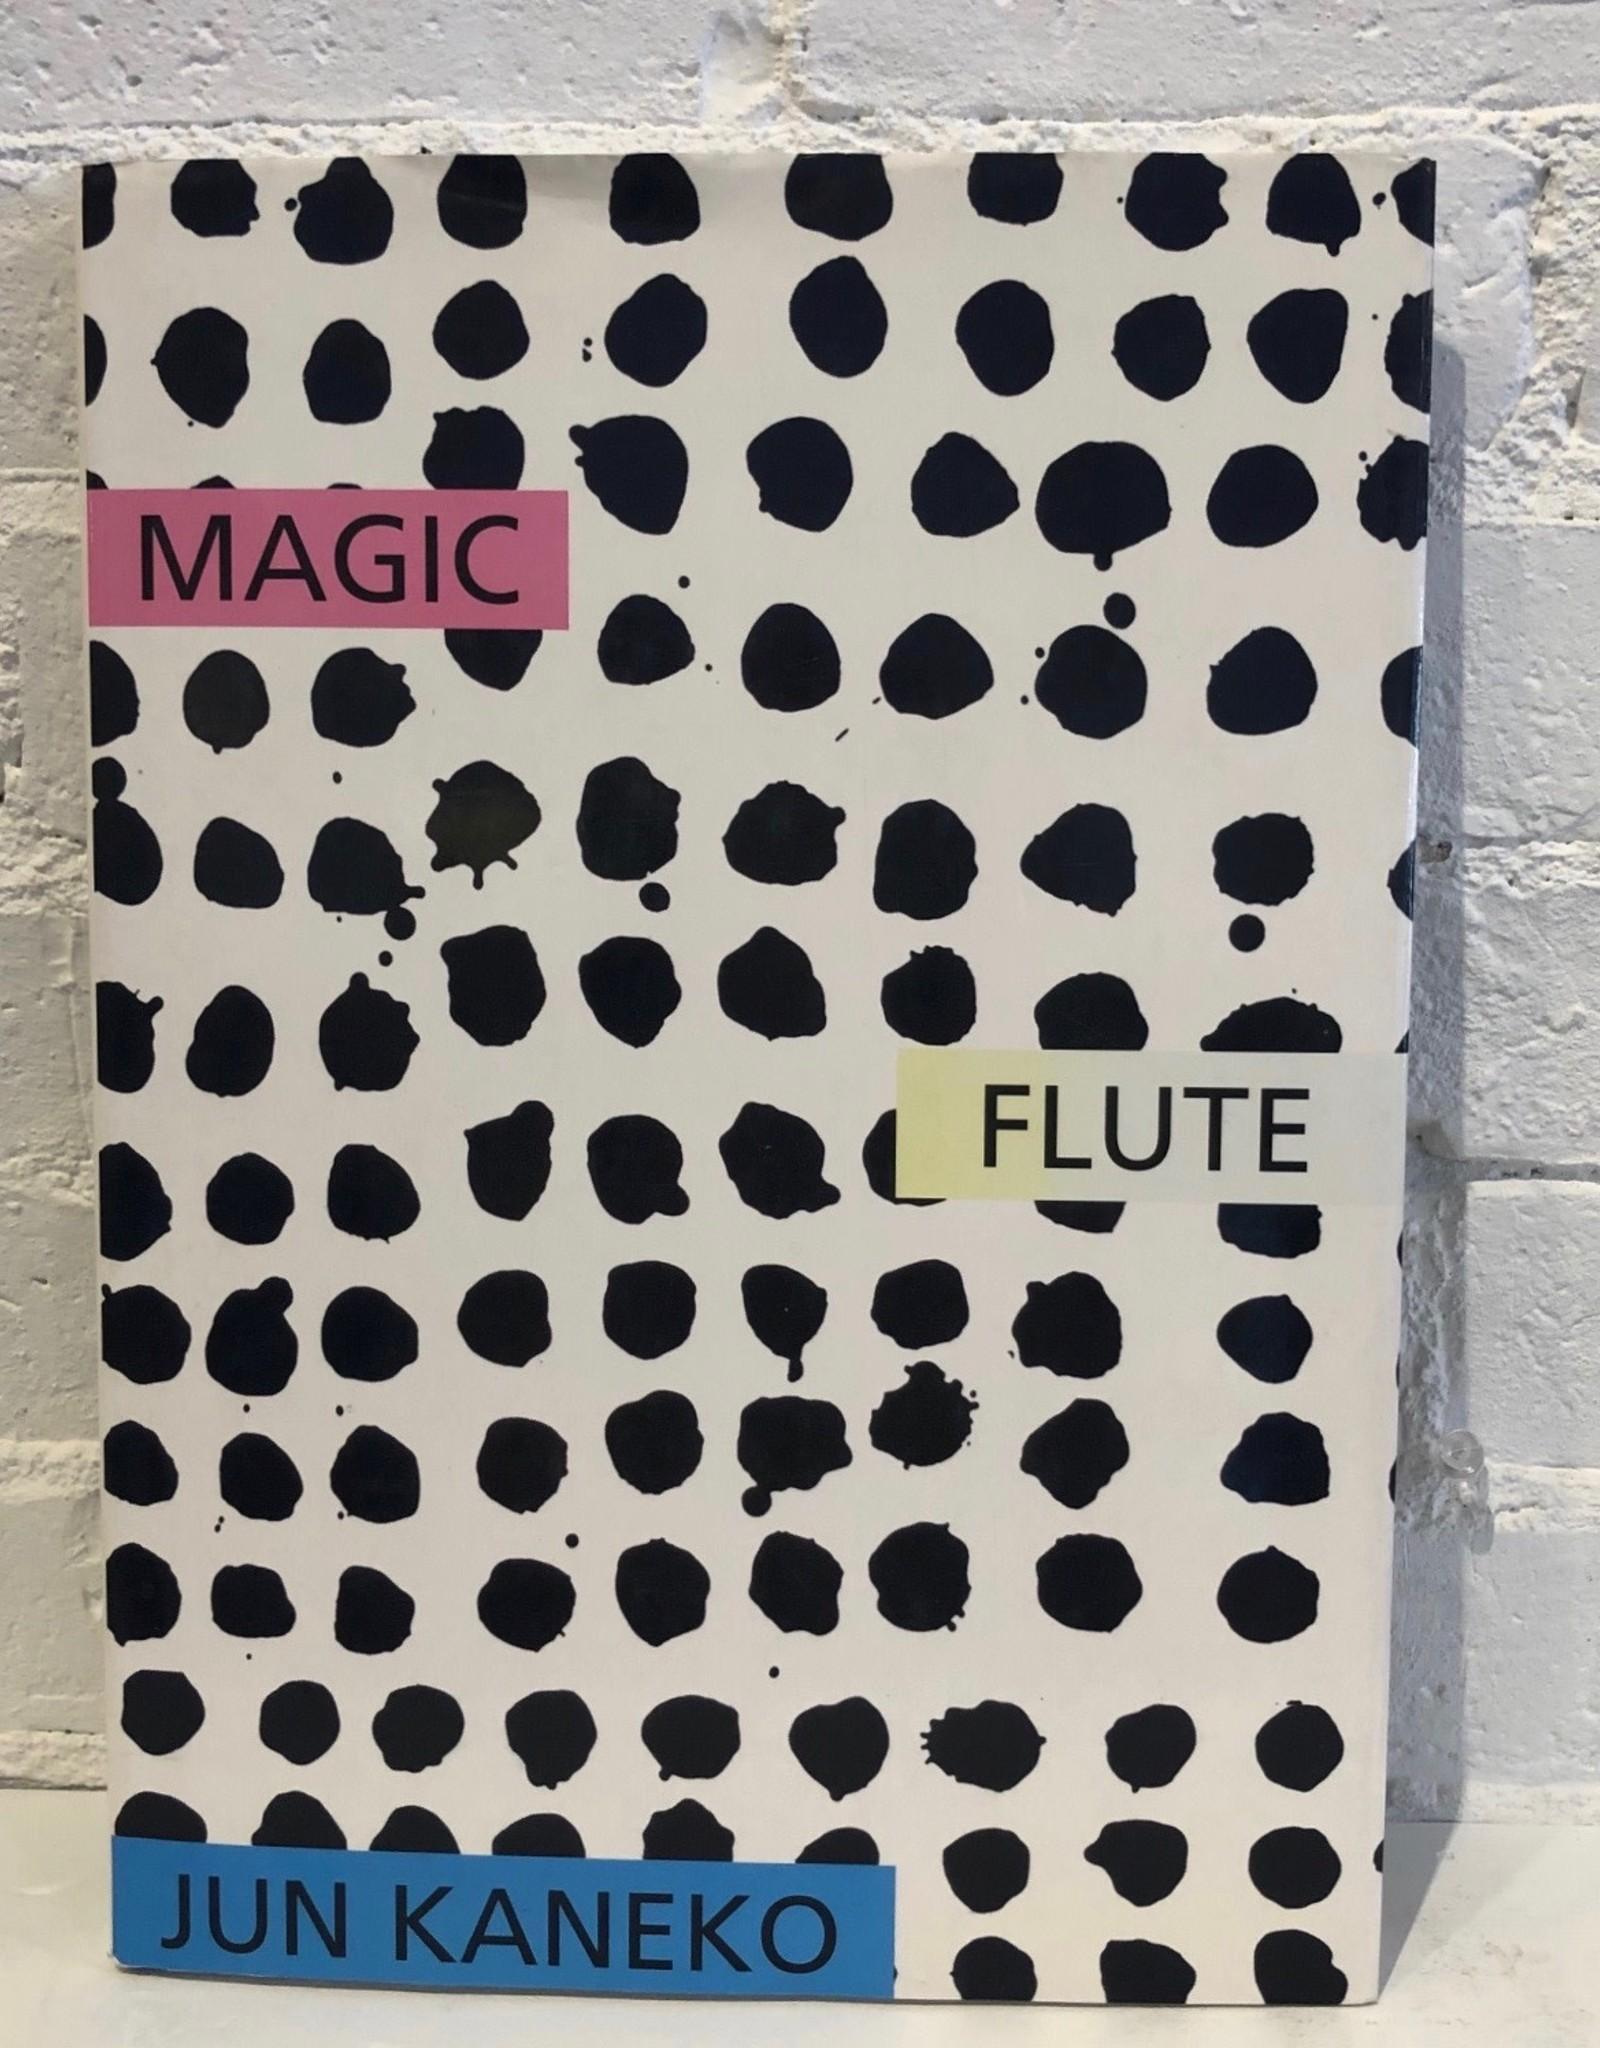 Magic Flute by Jun Kaneko